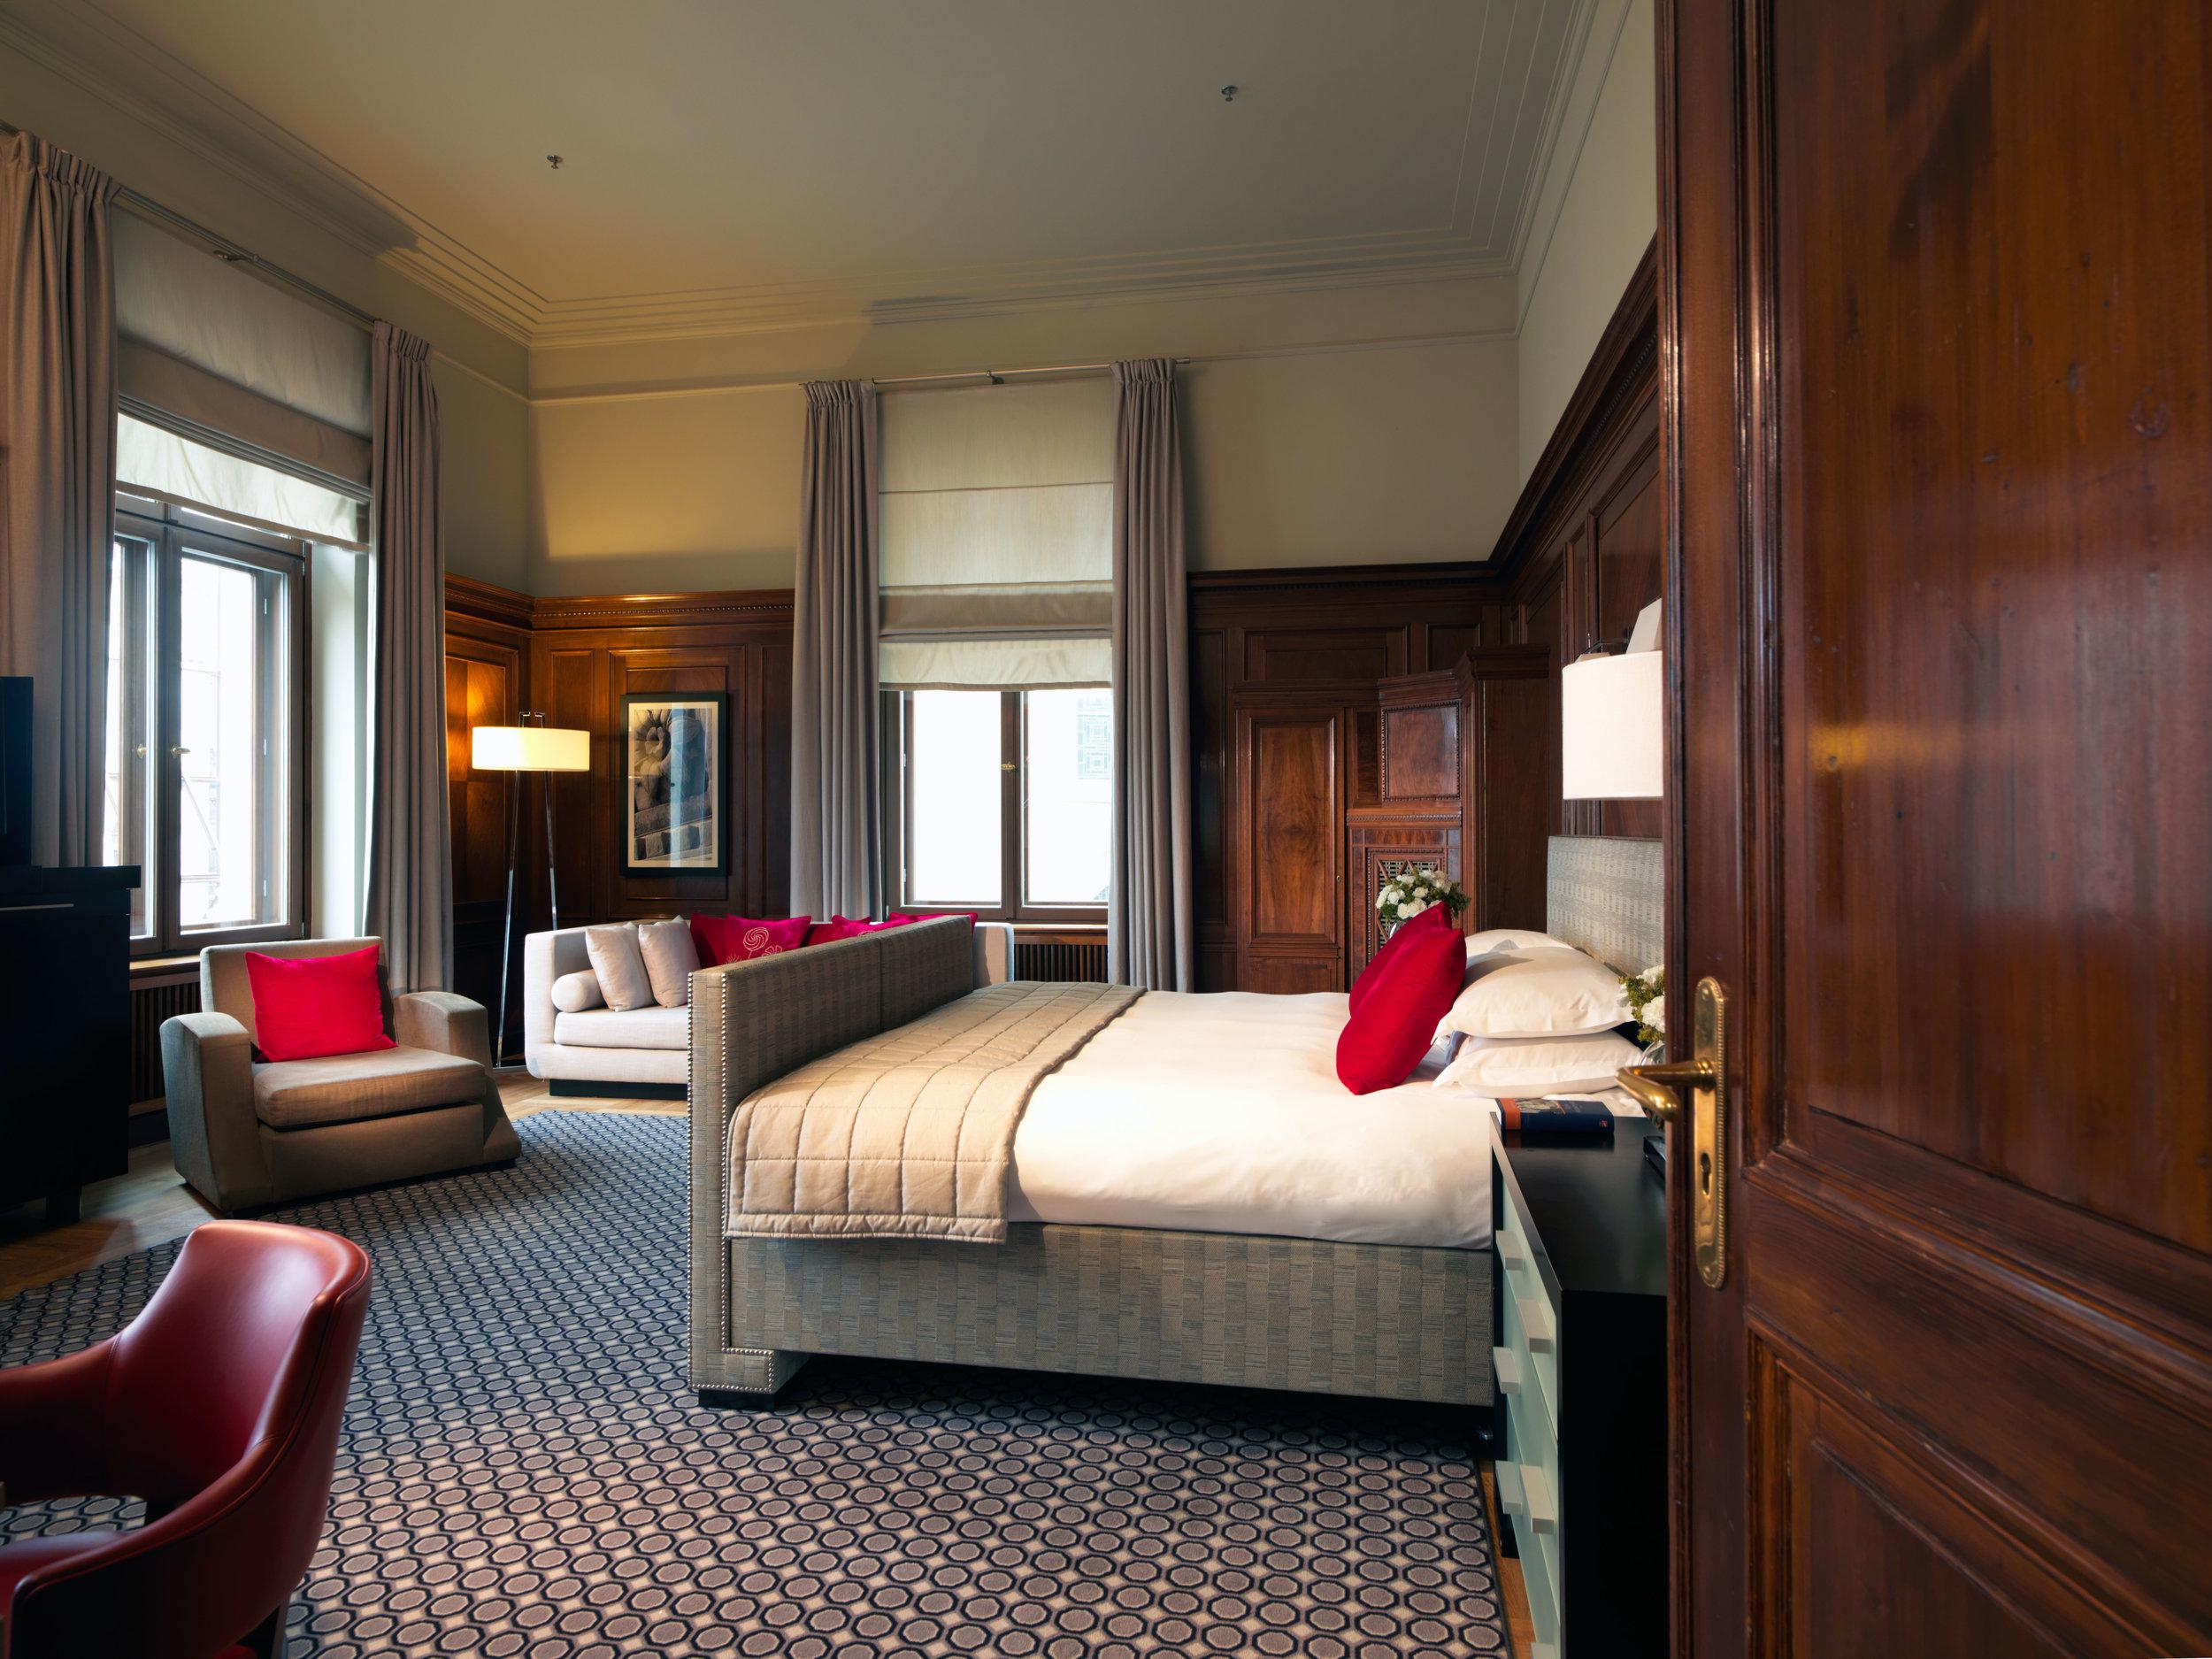 15 RFH Hotel de Rome - Gutmann Suite AH Oct 14.jpg